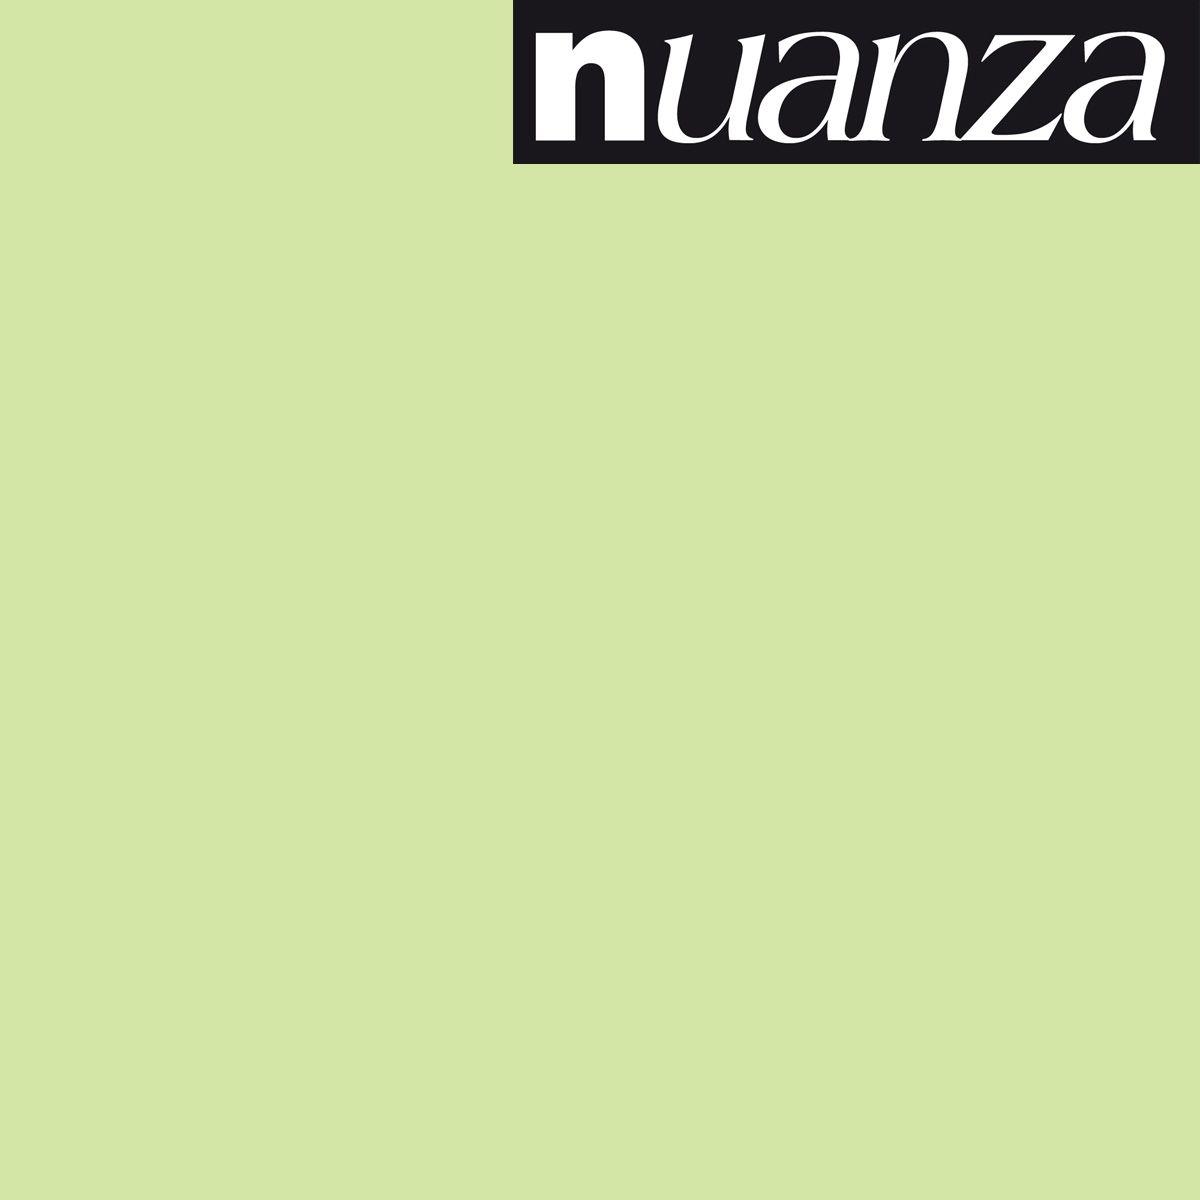 Peinture Nuanza satin monocouche amandine 2.5l